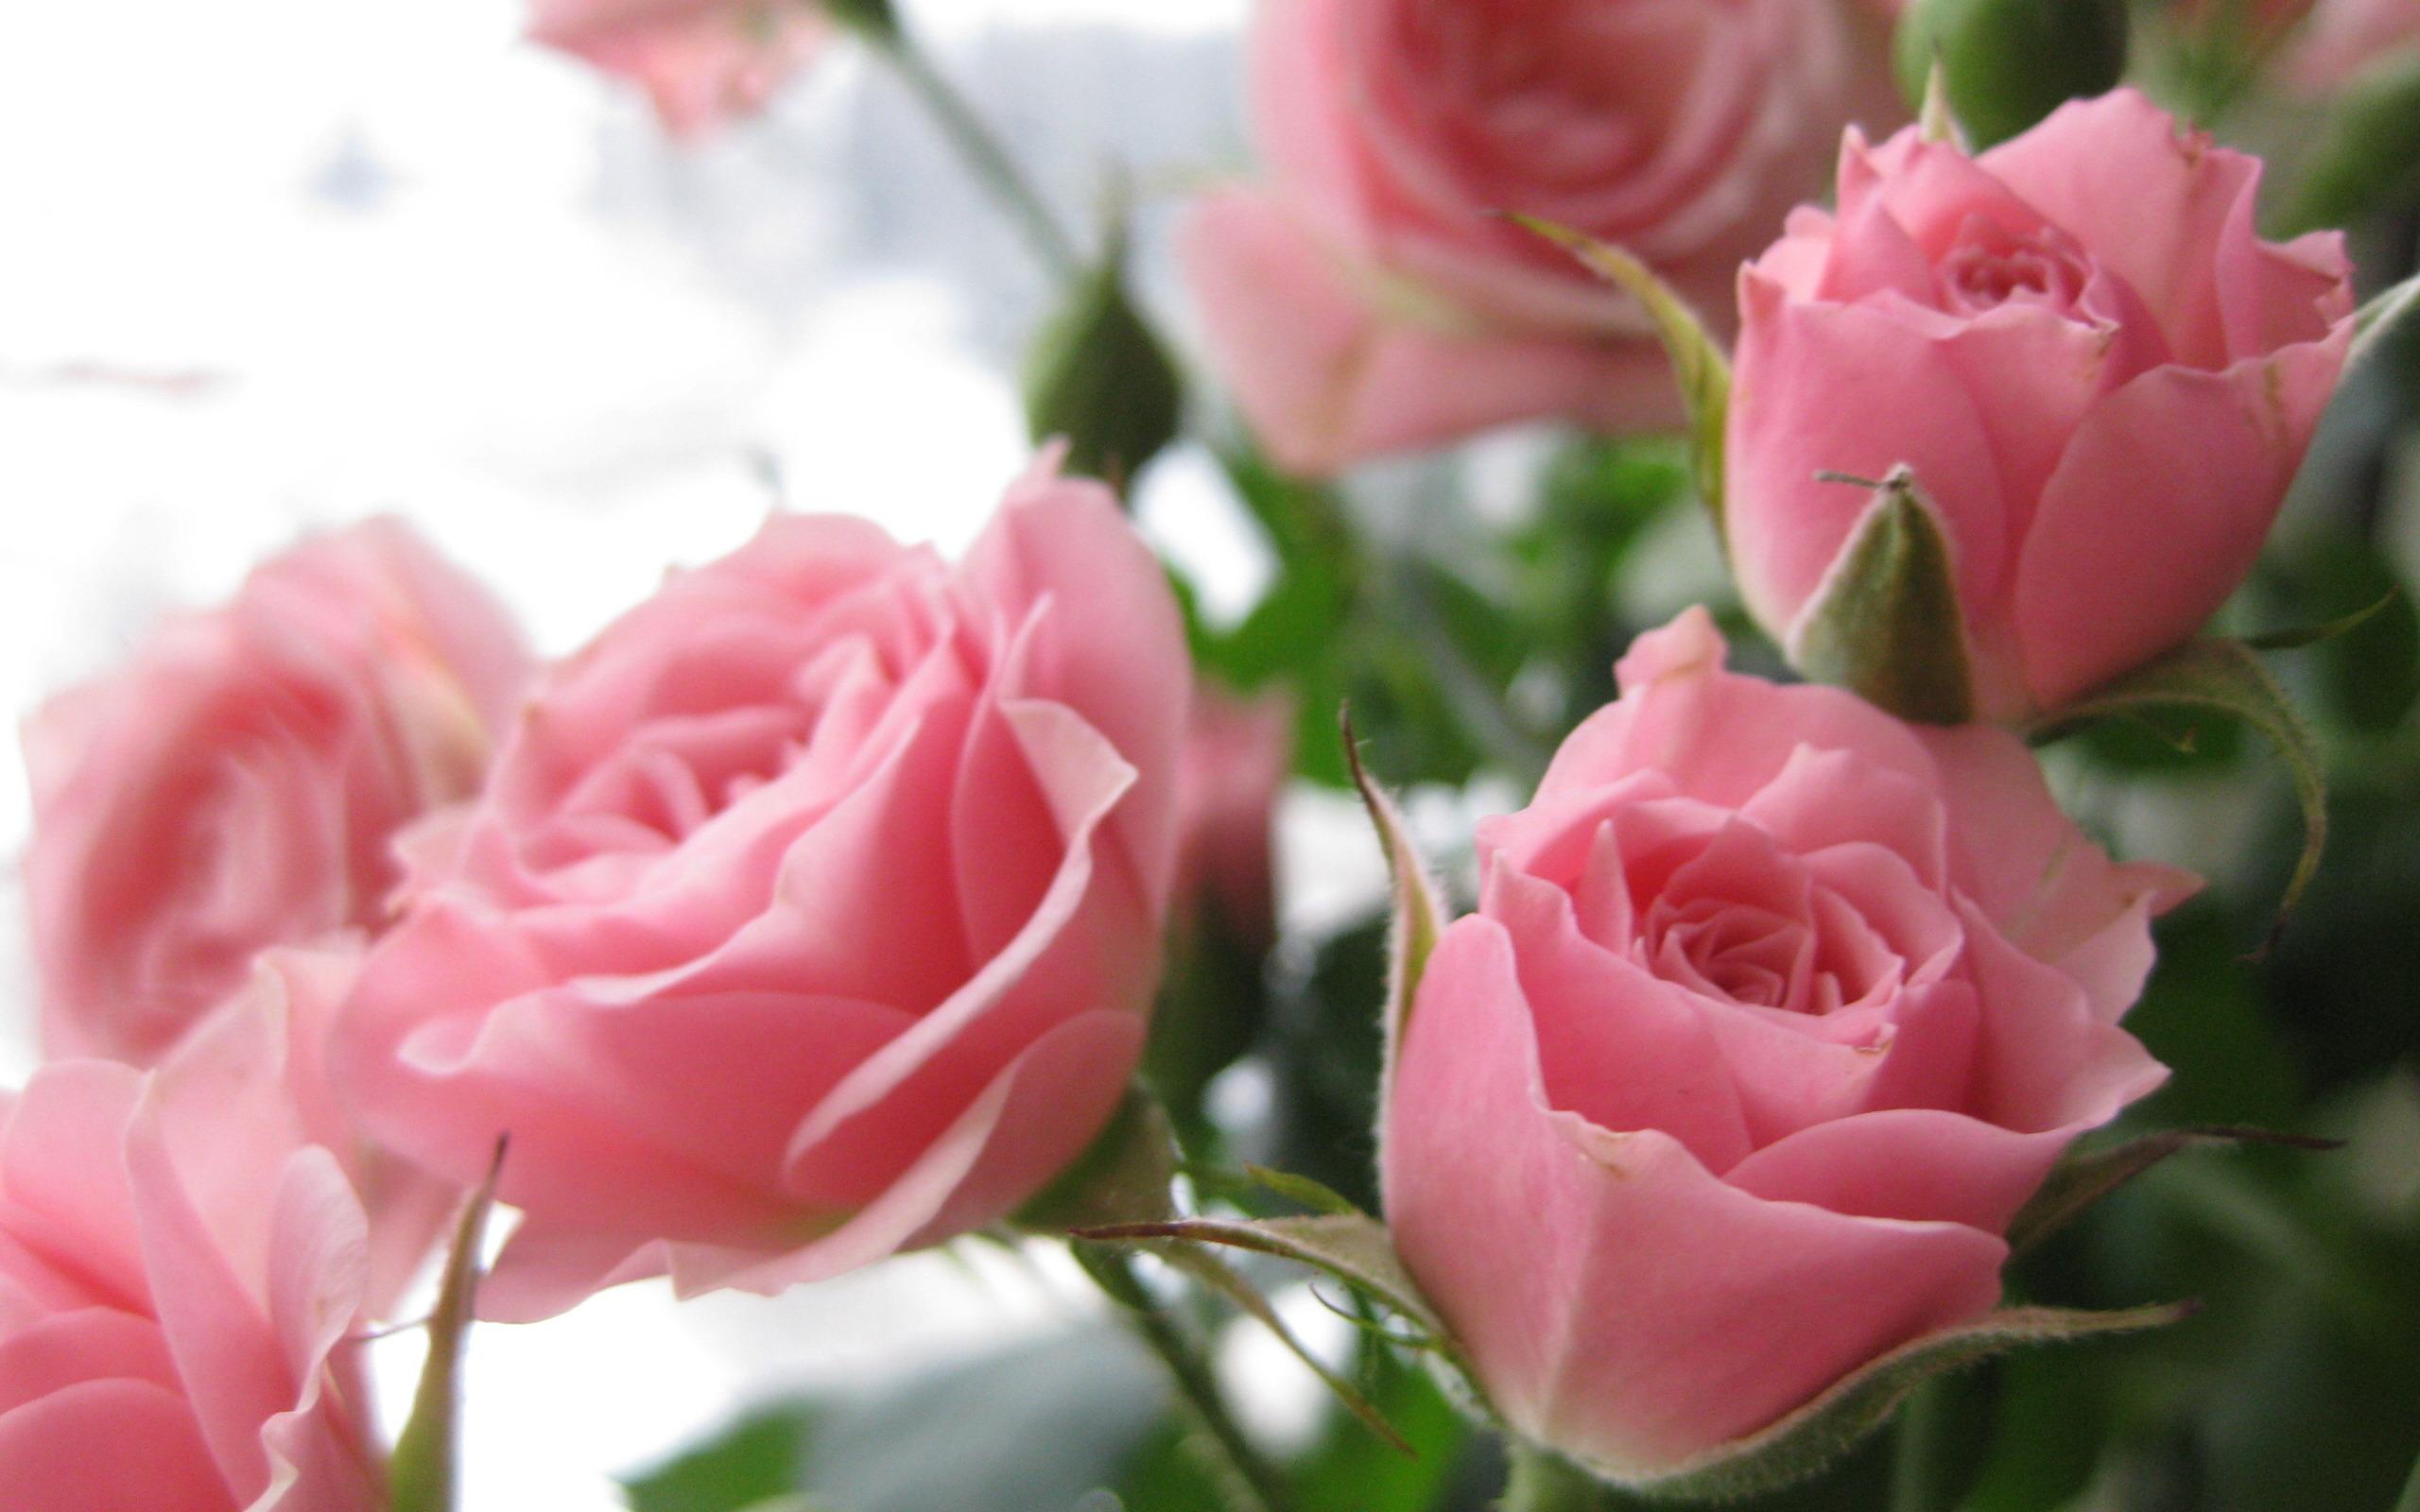 обои на рабочий стол самые красивые розы для тебя № 164839 бесплатно